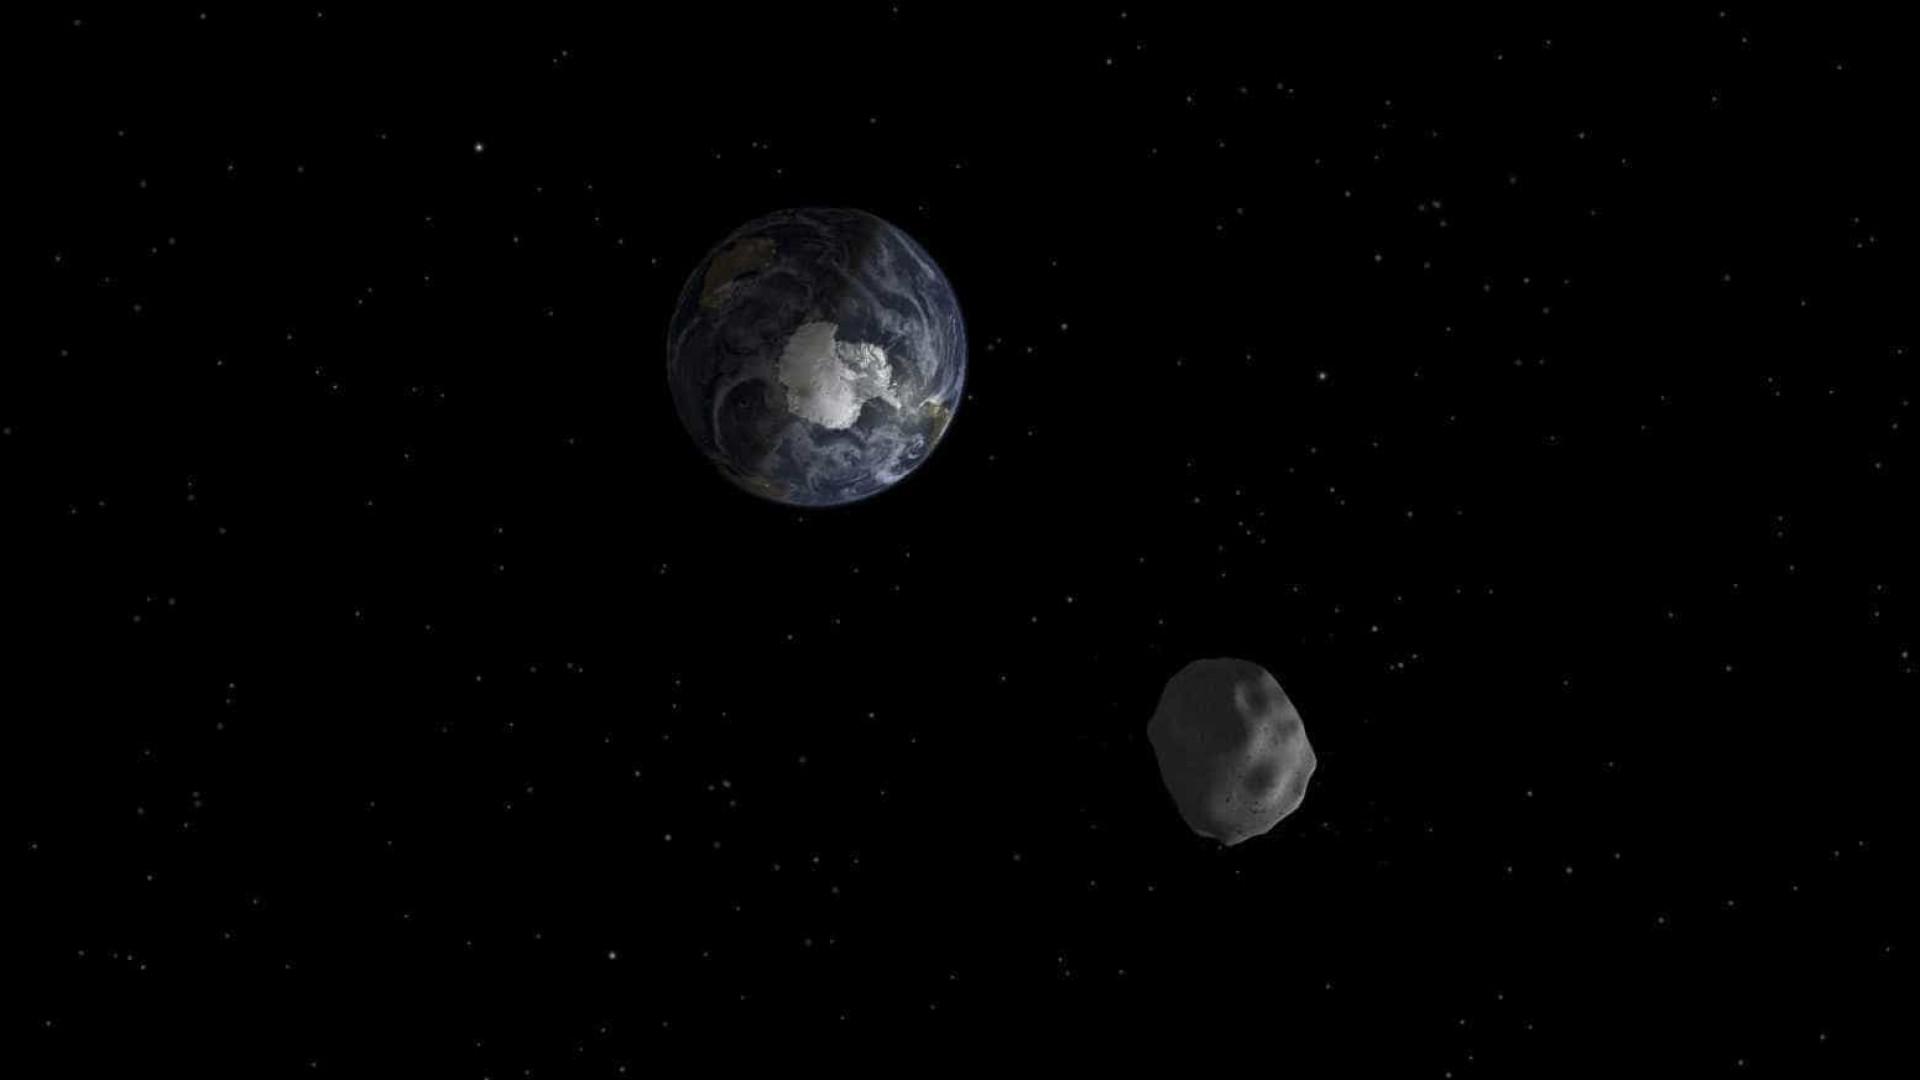 Asteroide de 5 km vai passar 'raspando' na Terra em dezembro